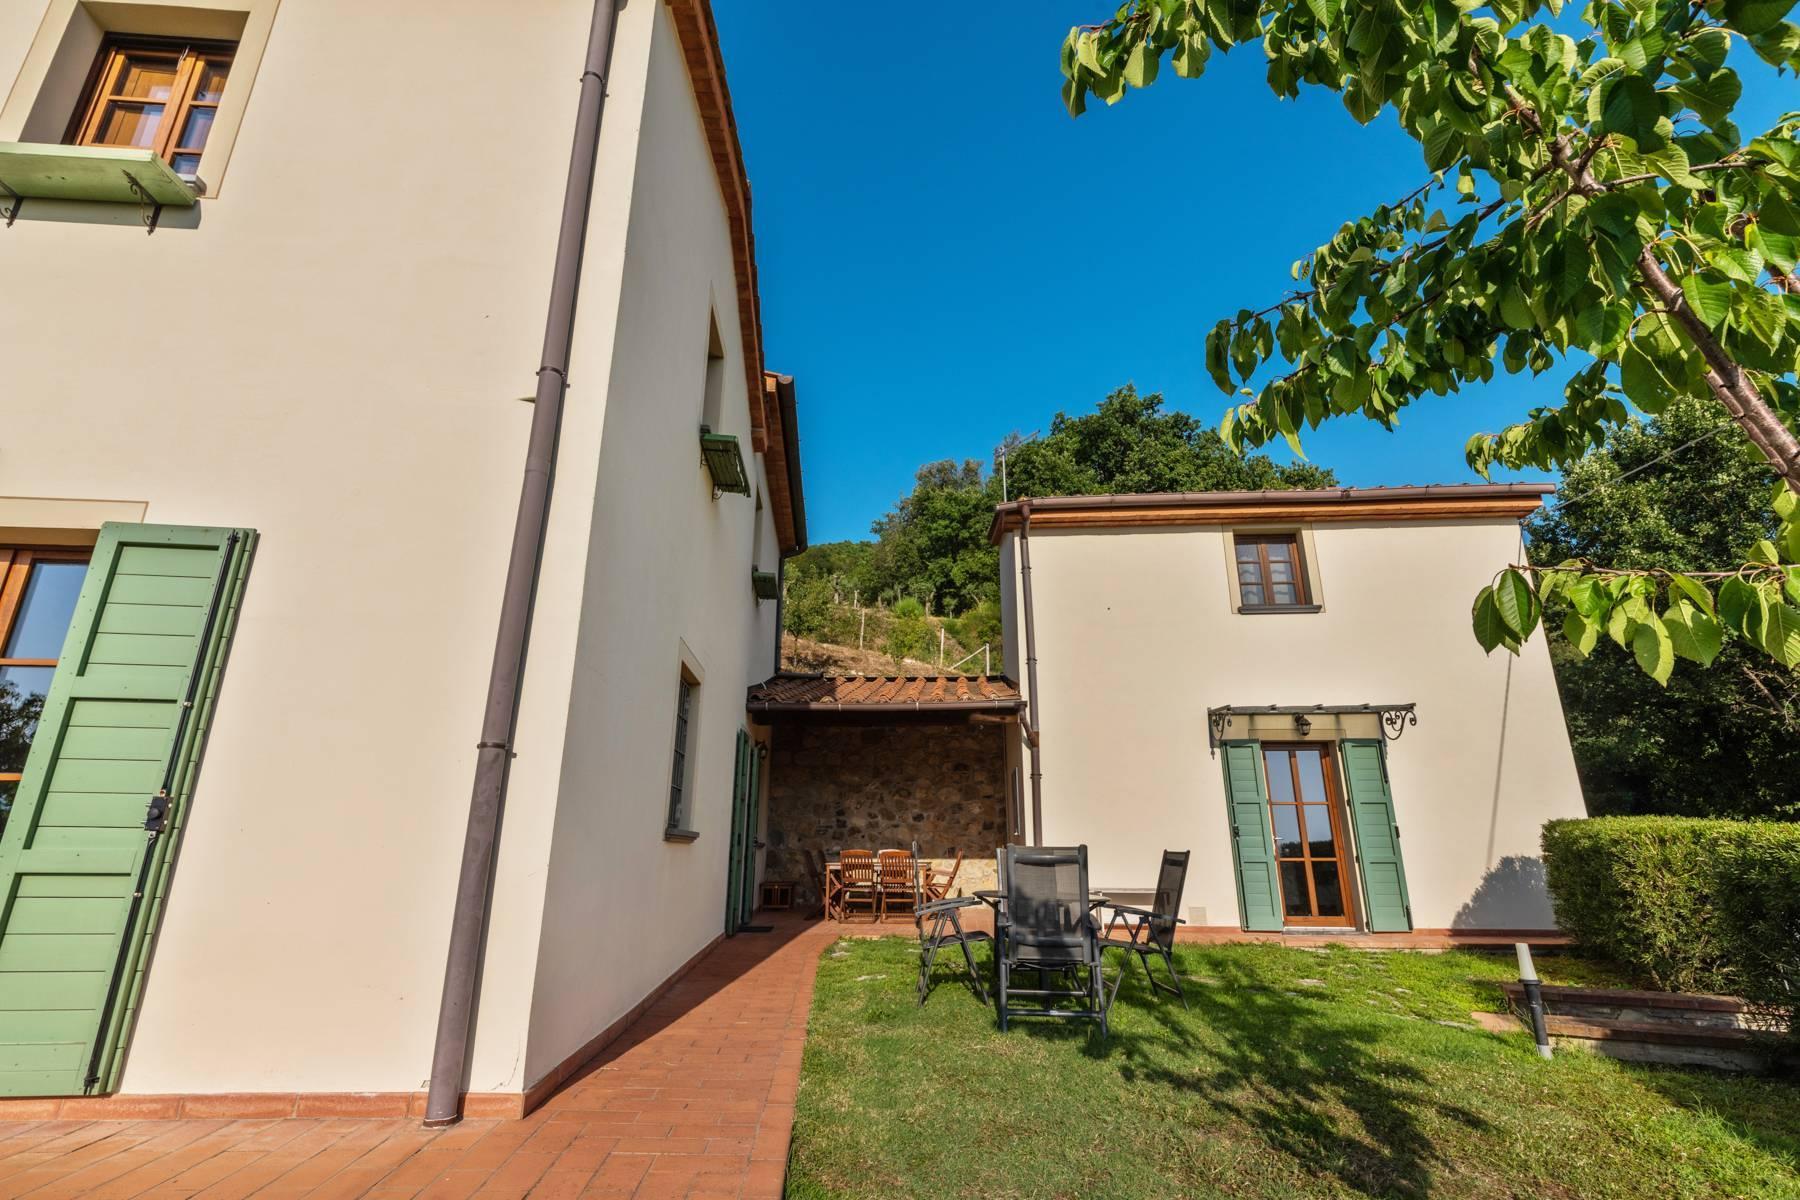 Charmante maison de campagne avec piscine sur les collines toscanes - 12